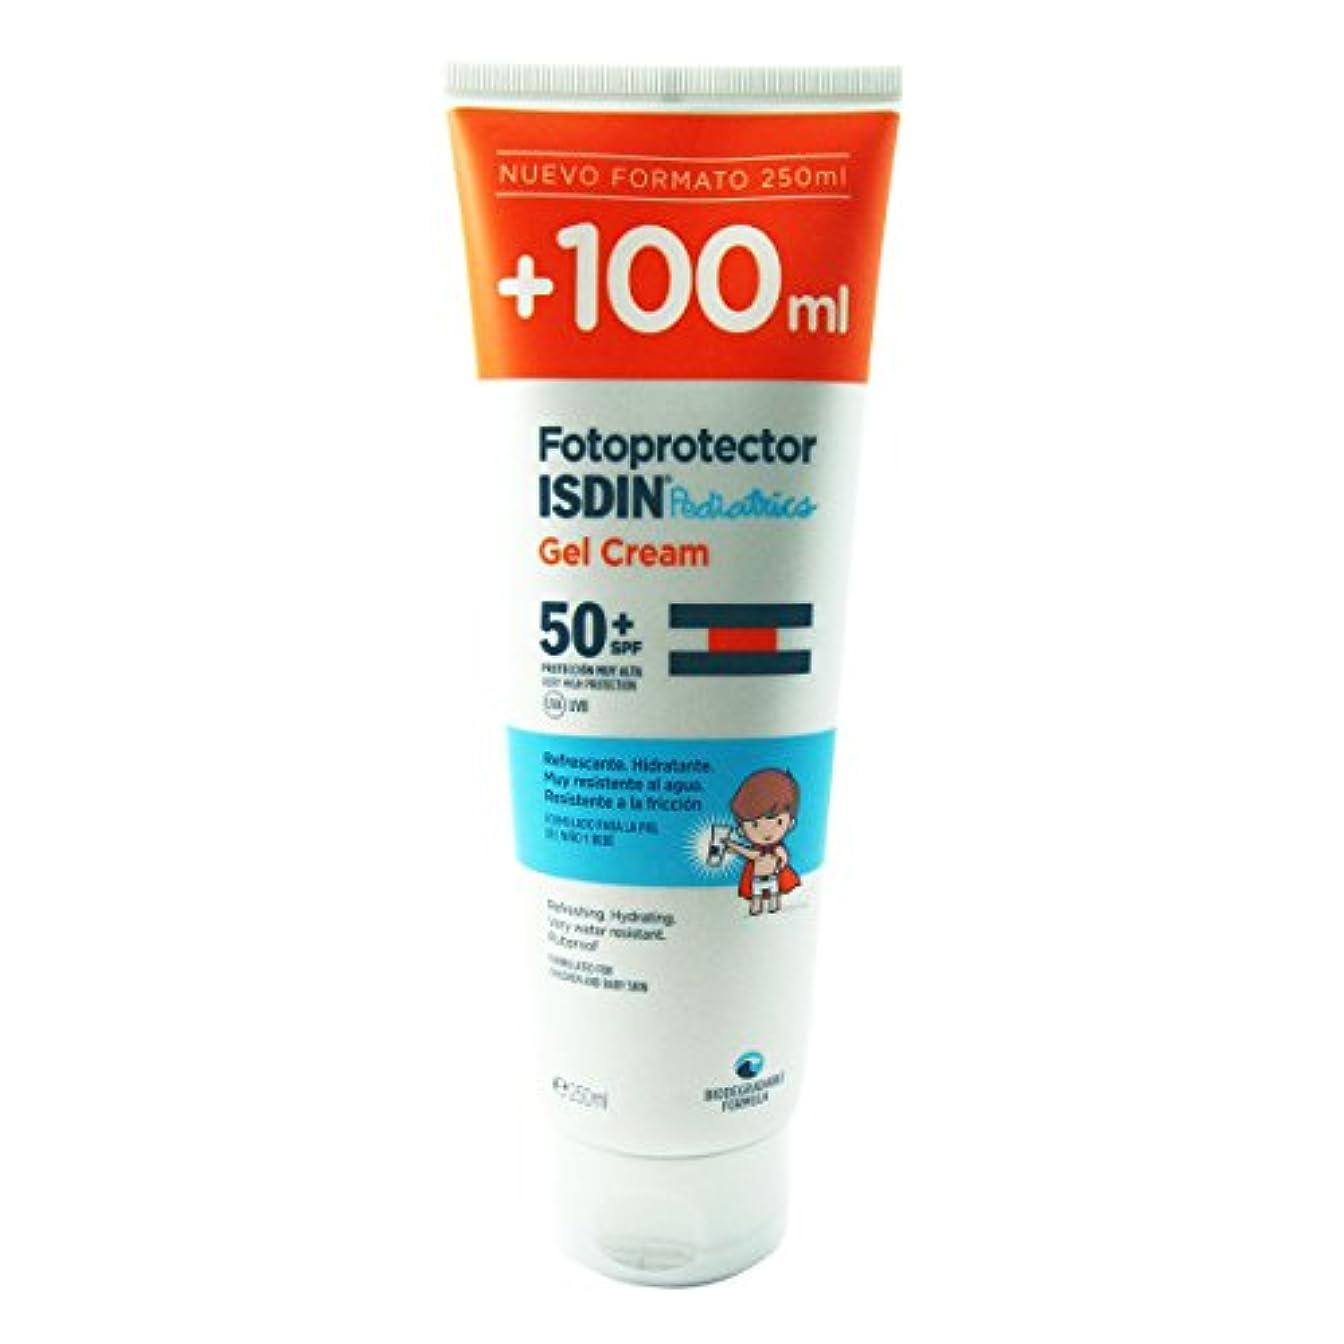 成り立つ舗装する予防接種Isdin Photoprotector Pediatrics Gel Cream 50+ 250ml [並行輸入品]